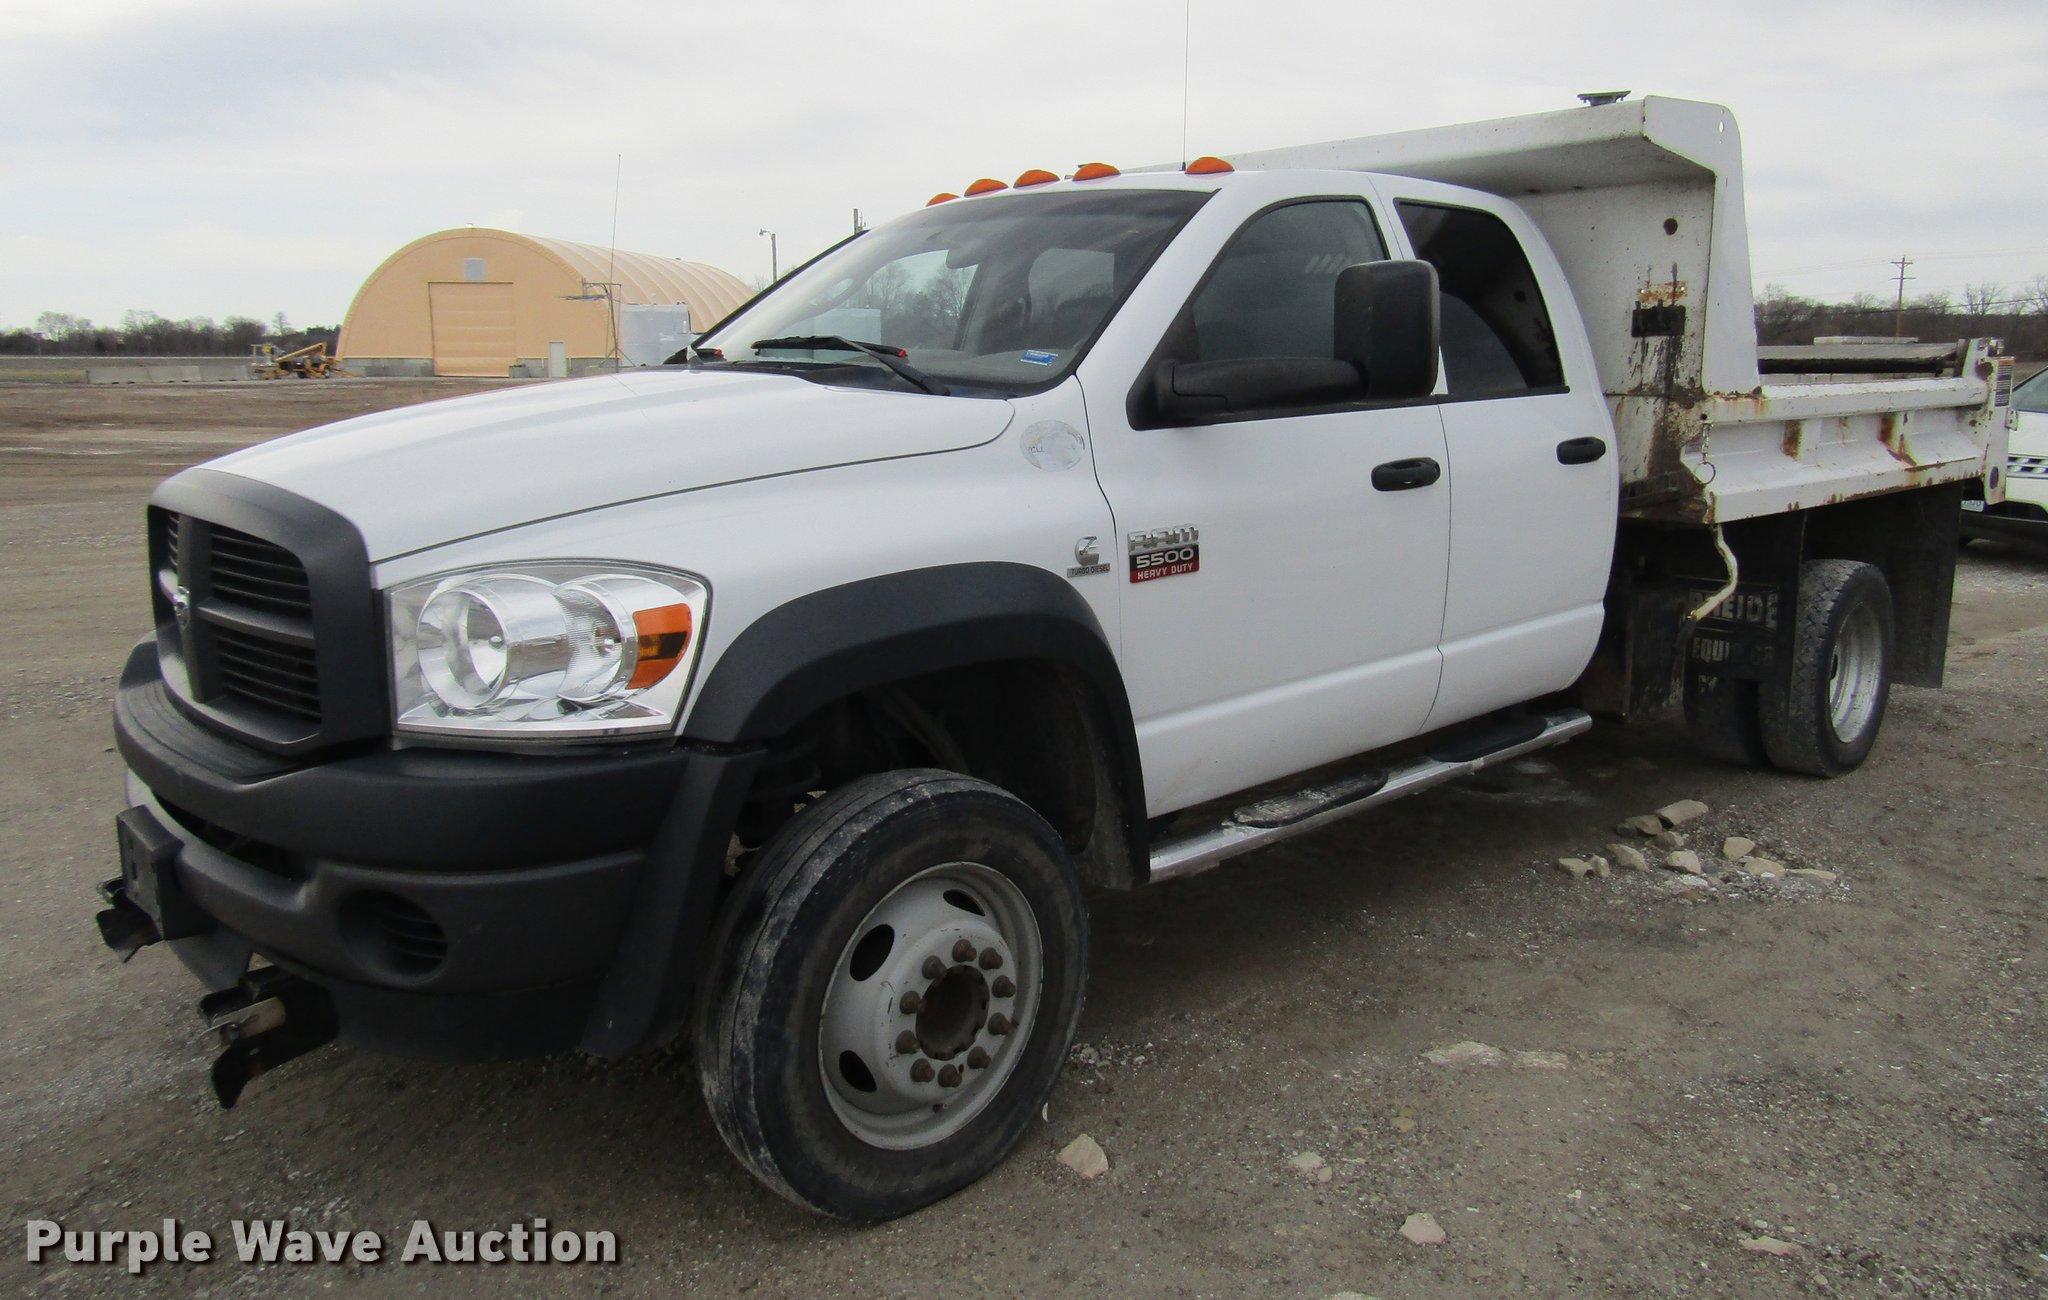 2009 Dodge Ram 5500 Quad Cab dump truck Item DD7427